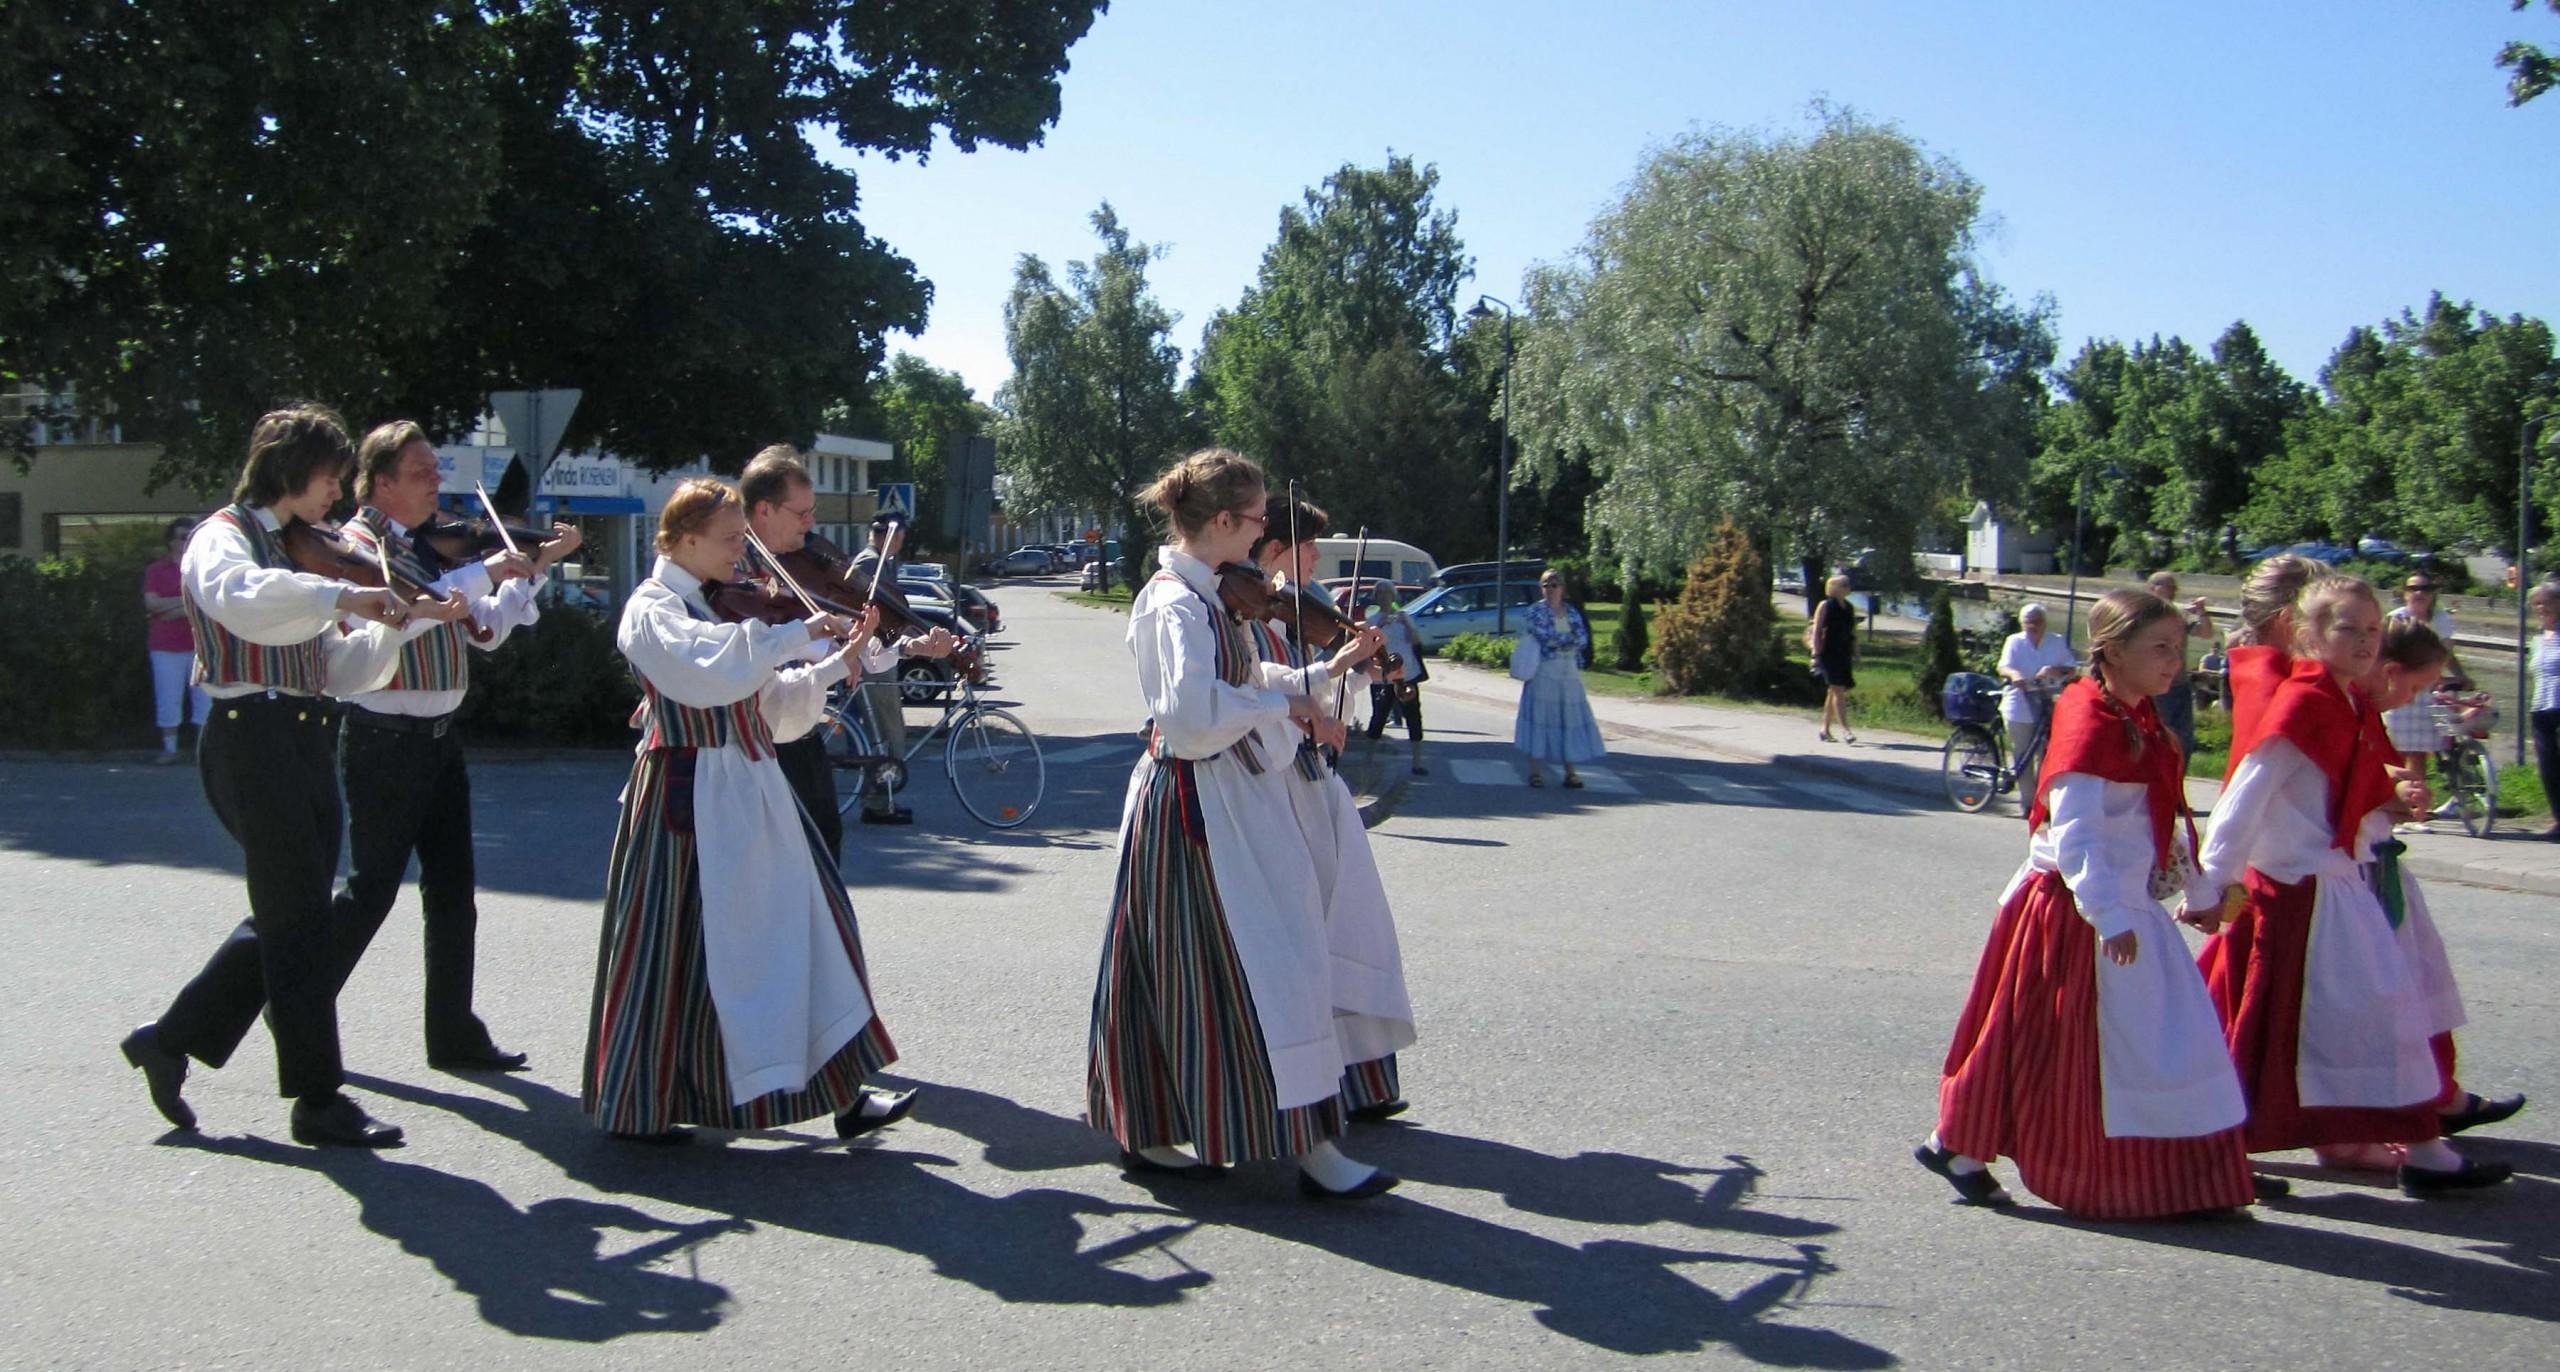 Spelmän i dansare i Pargas